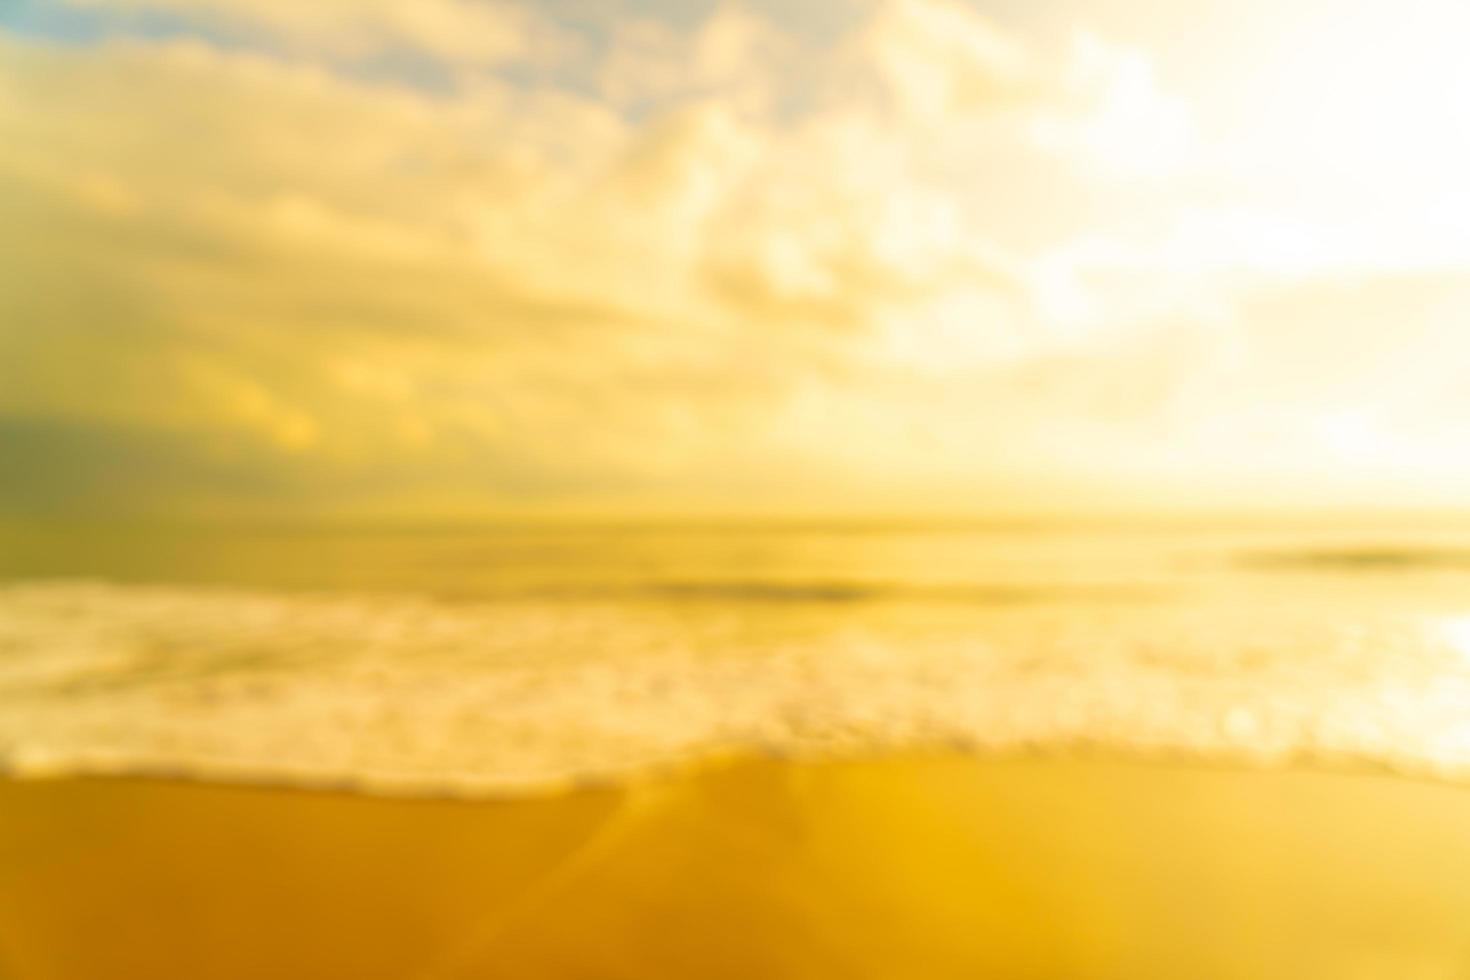 abstrakt suddighet strandhav vid soluppgång eller solnedgång för bakgrund foto